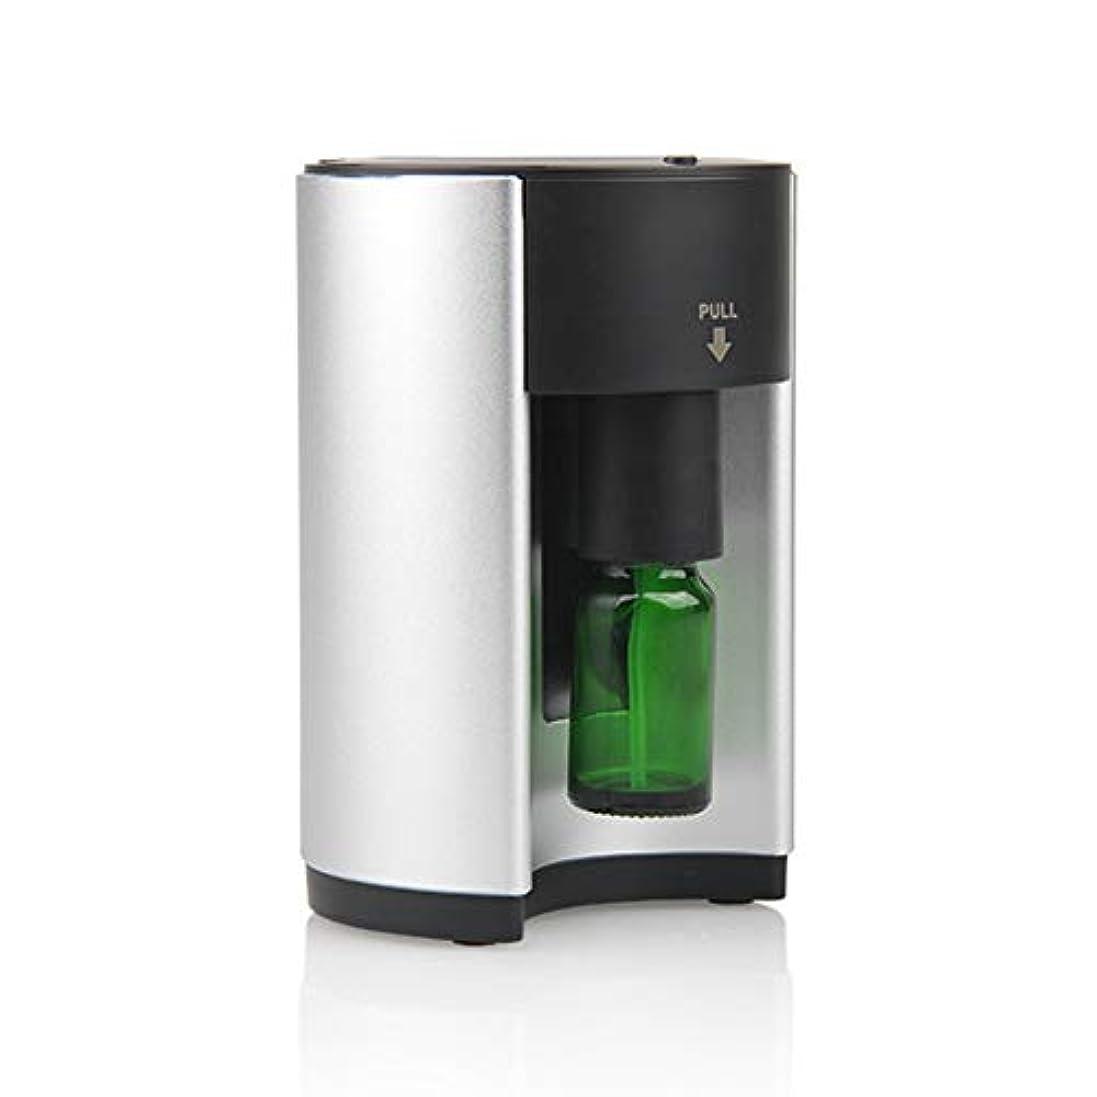 格差ダニ反毒ネブライザー式アロマディフューザー 3個専用精油瓶付き ネブライザー式 アロマ芳香器 タイマー機能付き ヨガ室 ホテル 店舗 人気 タイマー機能 (シルバー)